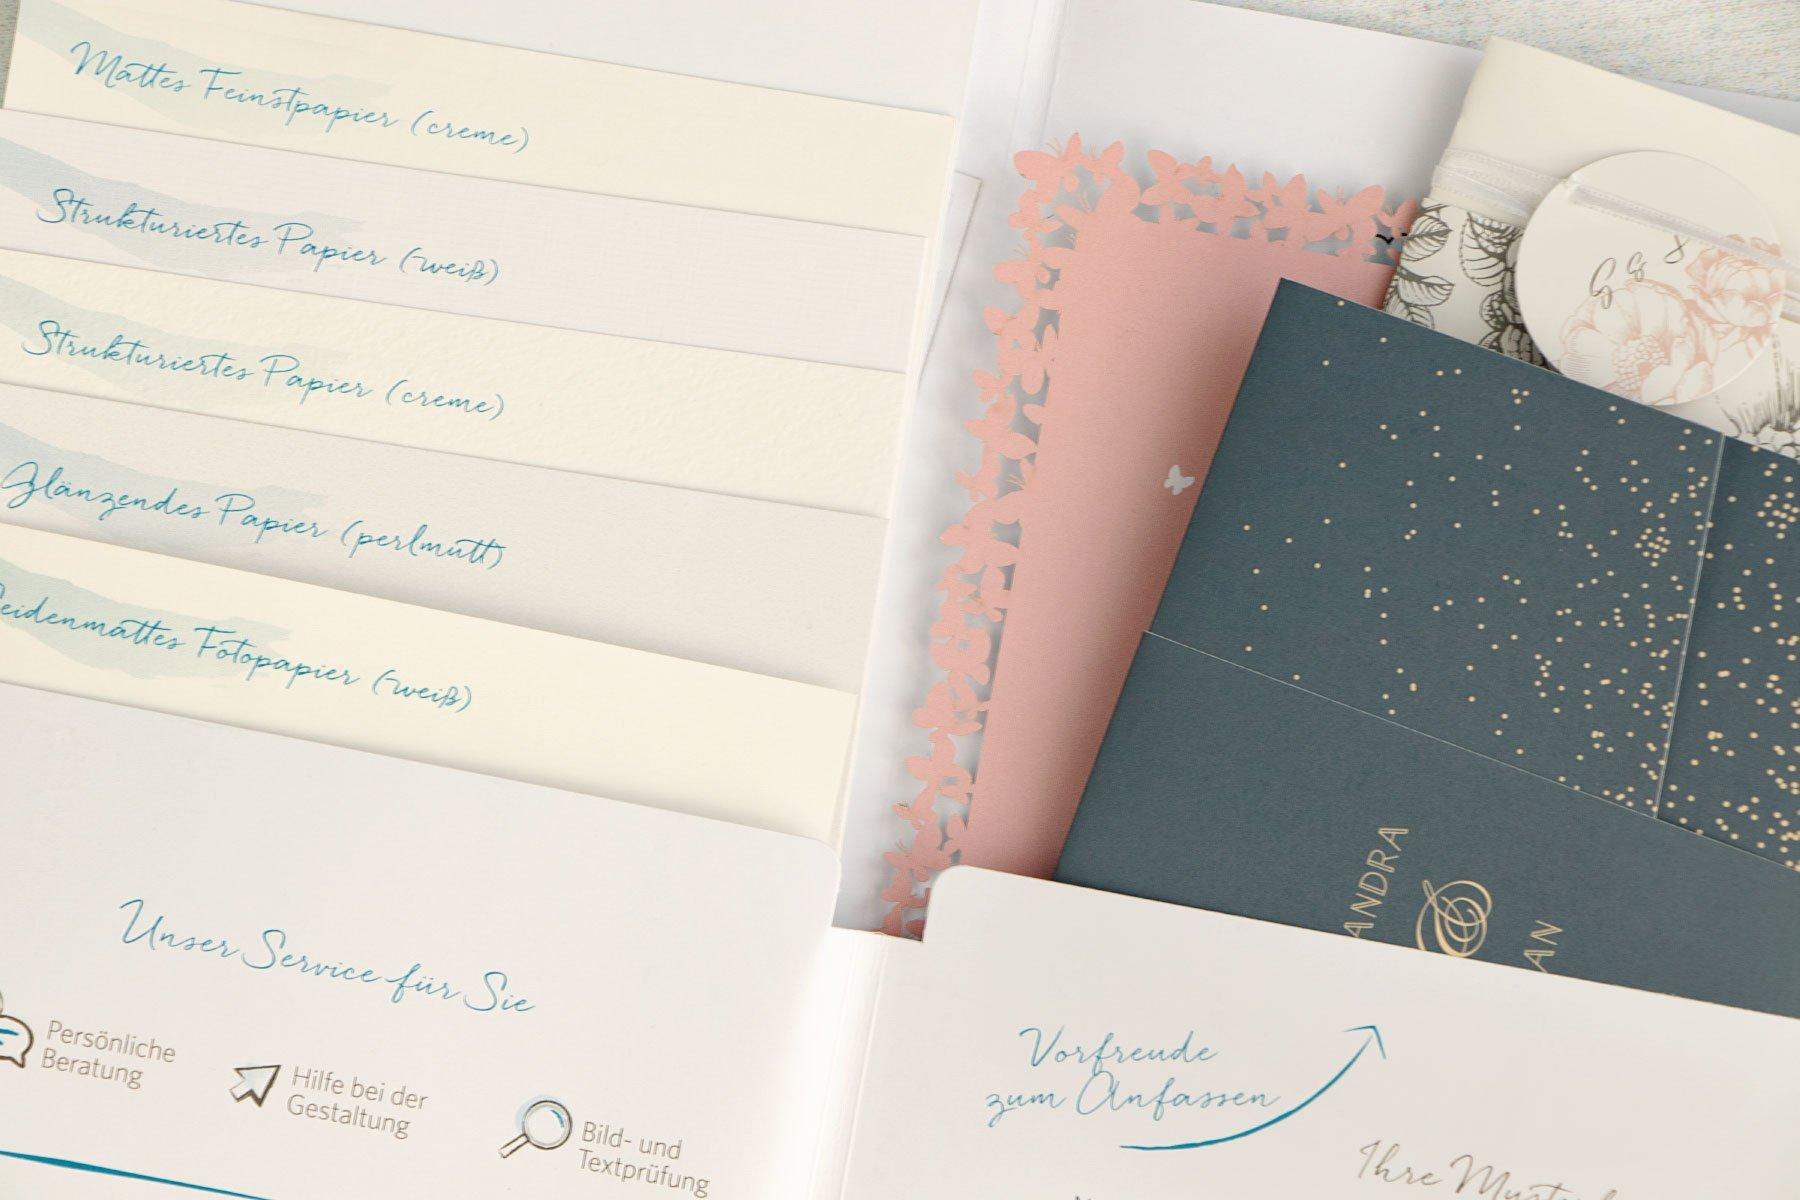 Erfahrungsbericht kartenmacherei: Musterkarten für die Hochzeit